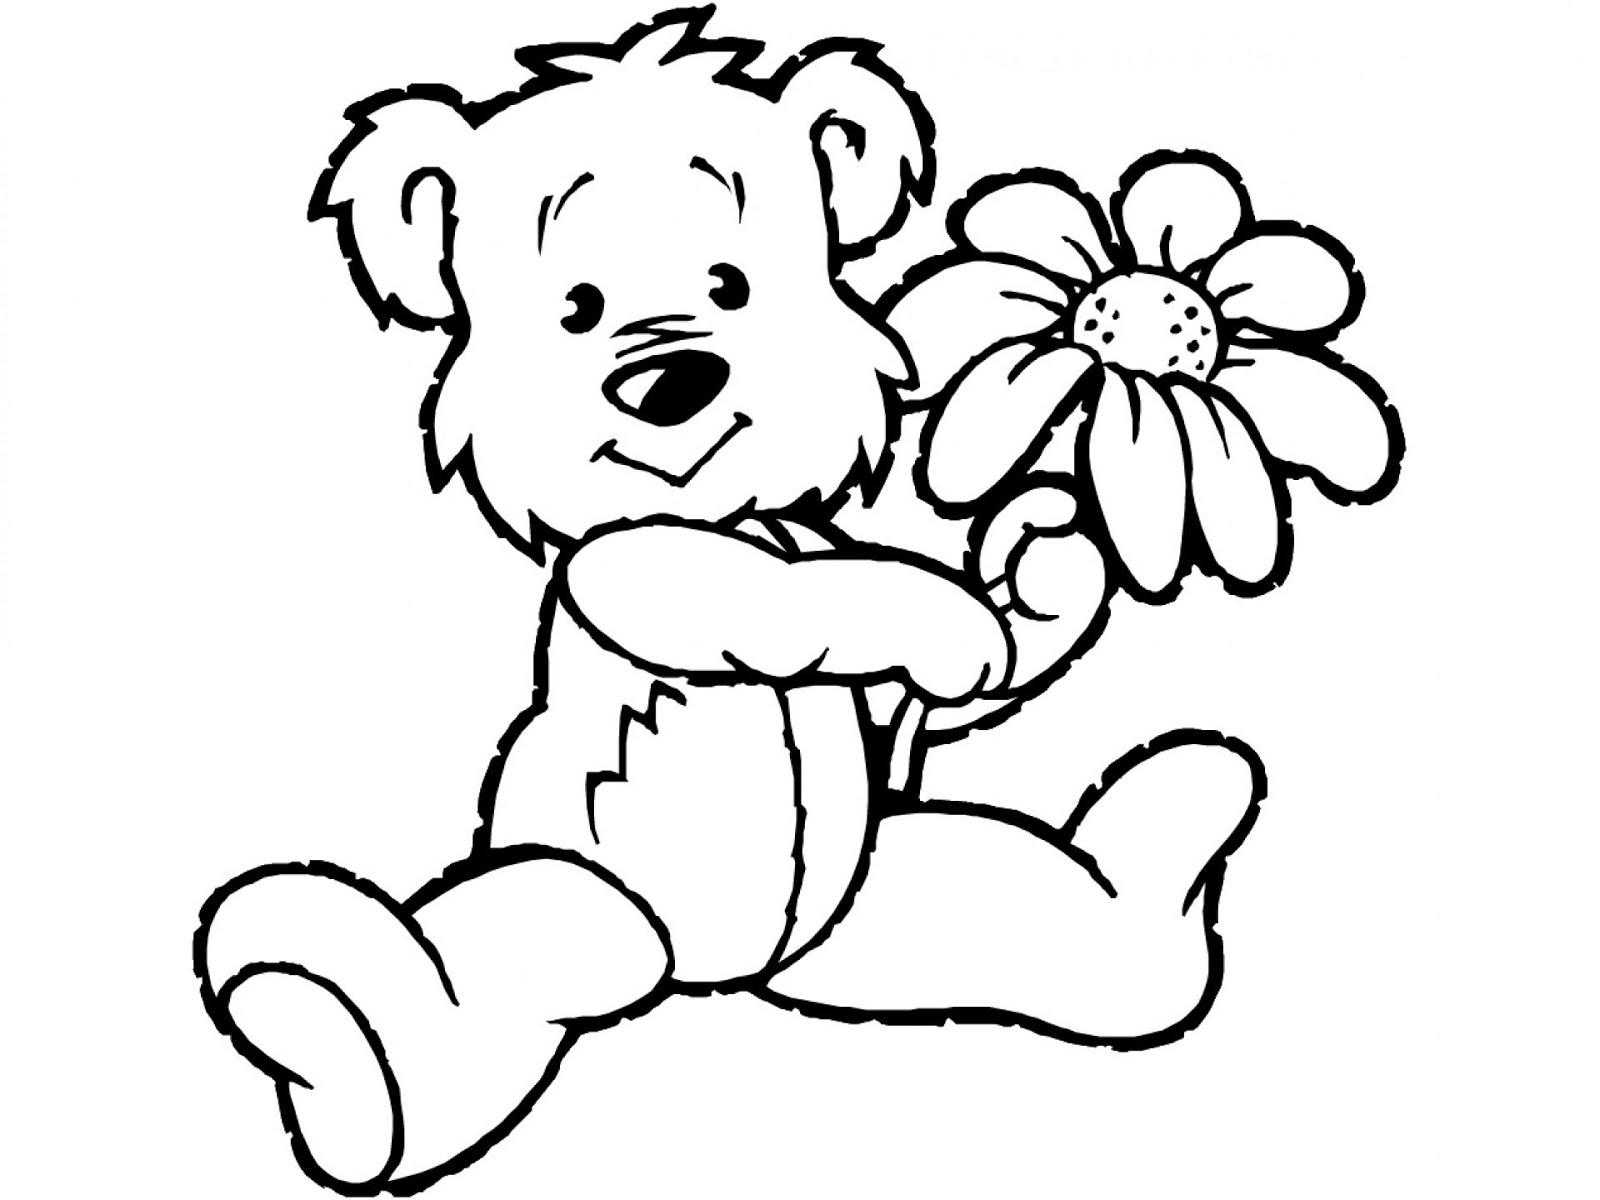 Tranh tô màu gấu cầm hoa